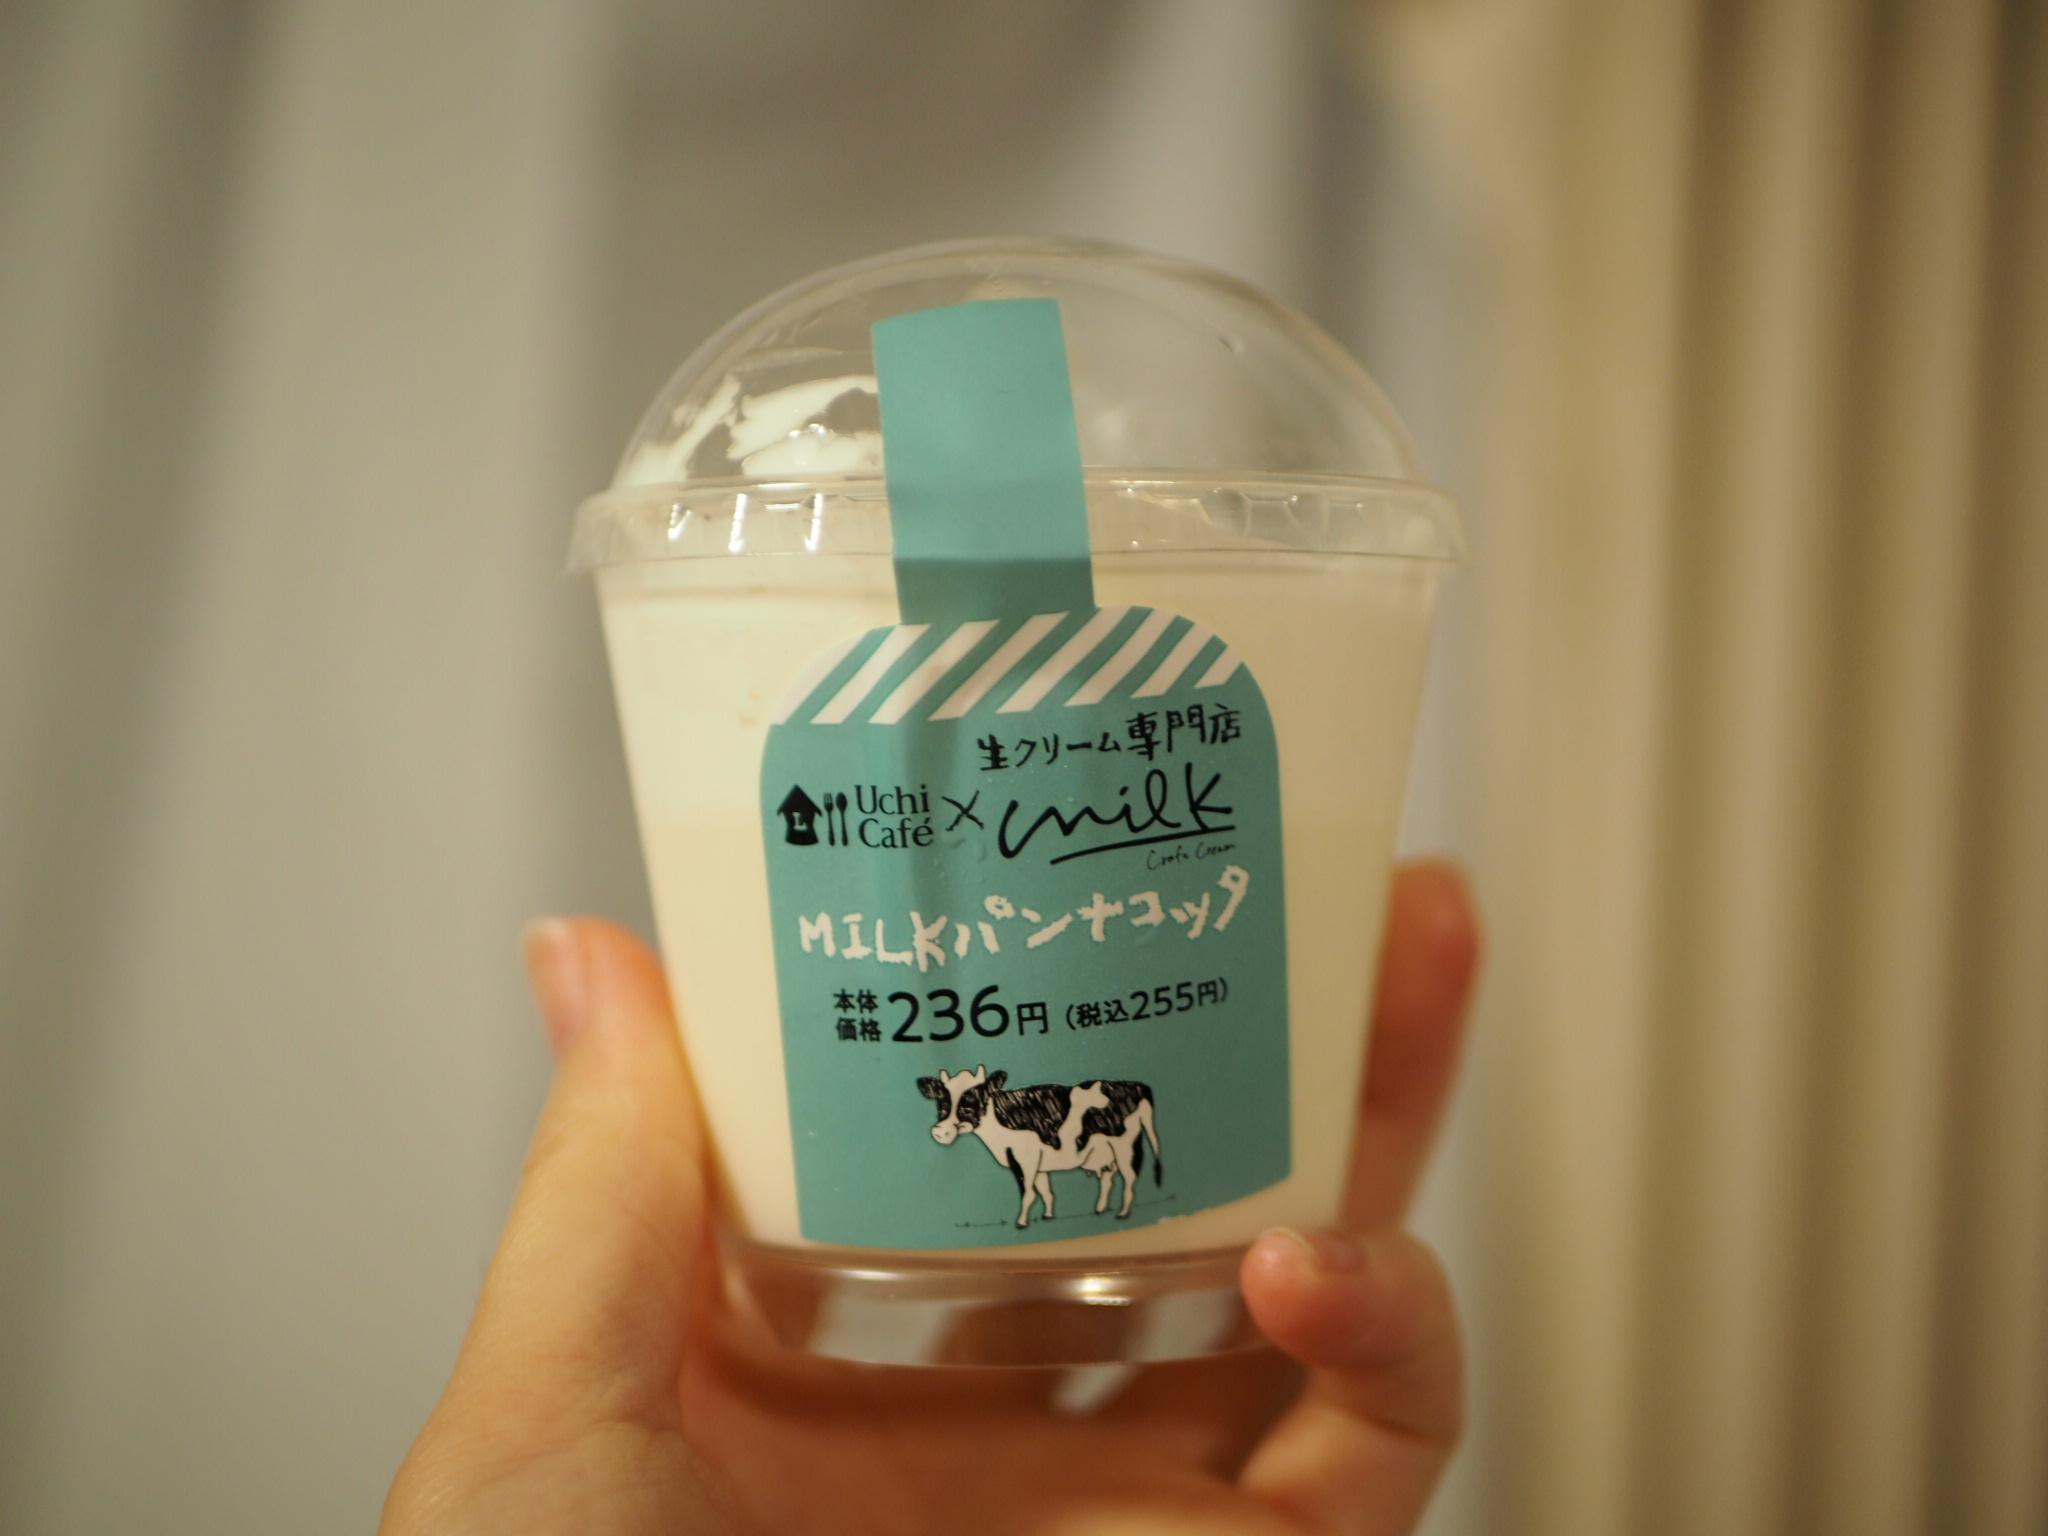 【ローソン新作】生クリーム専門店「Milk」とコラボしたスイーツがおすすめ♡_9